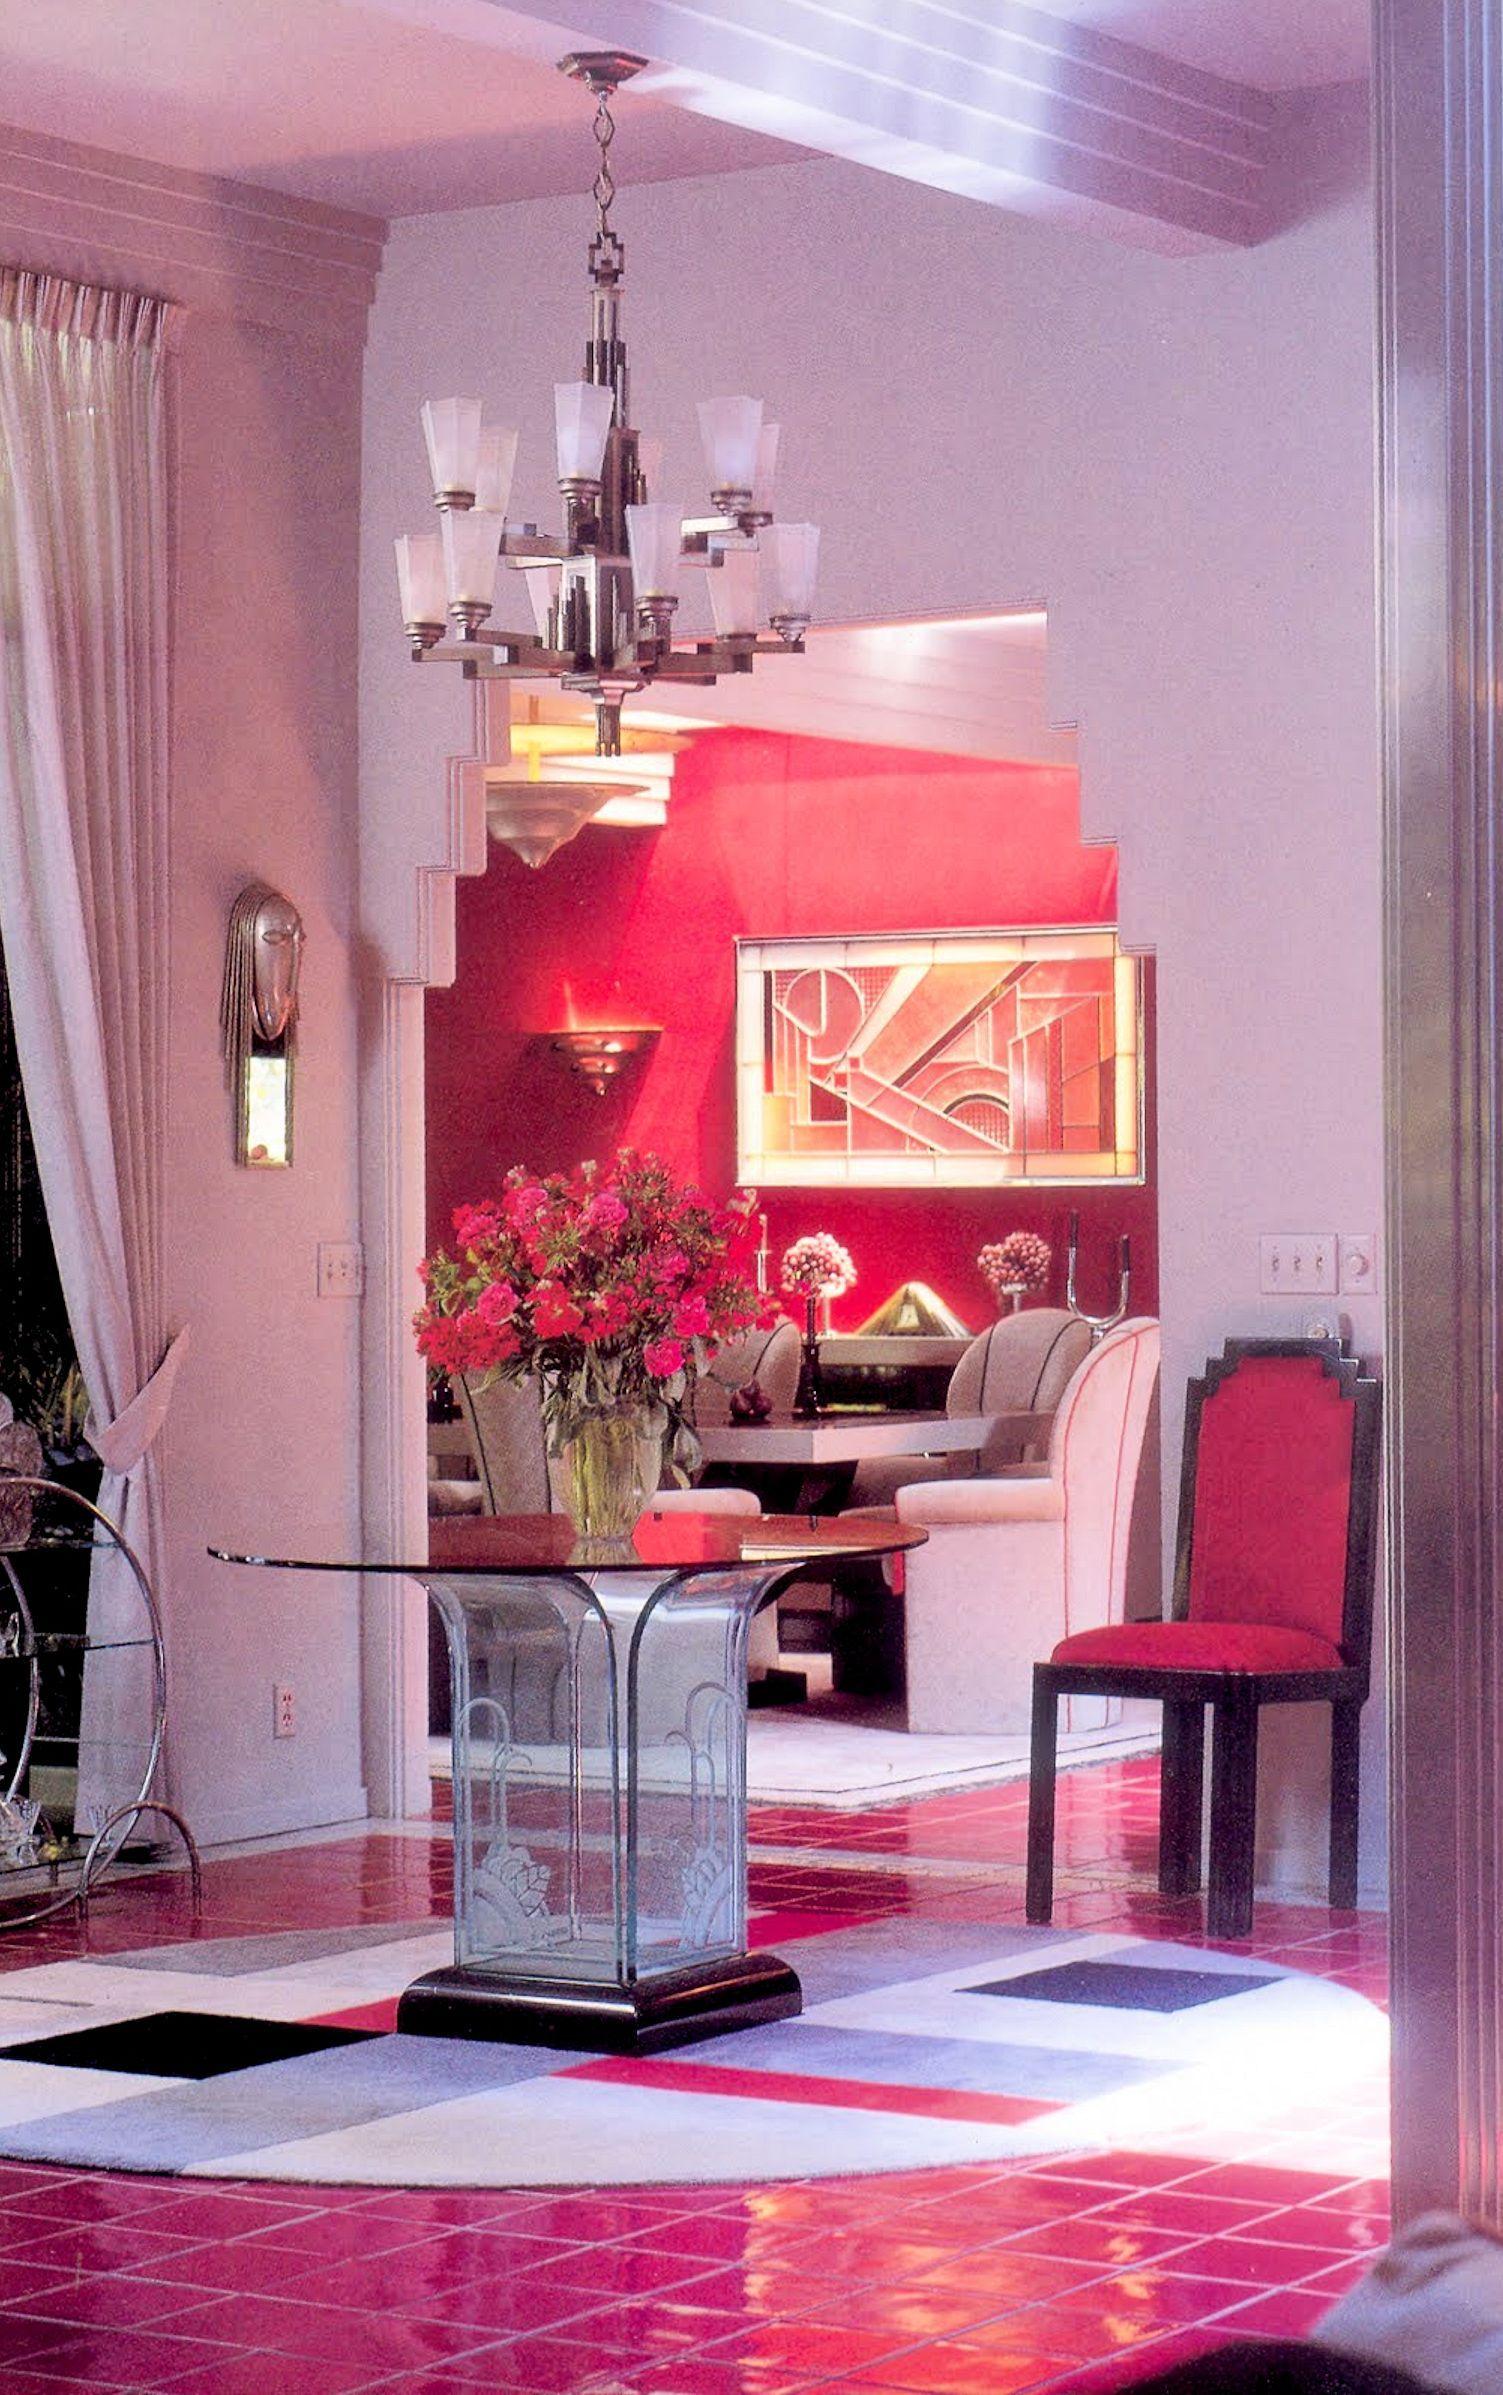 Art Décor: Art Deco, 1980s Art, Art Deco